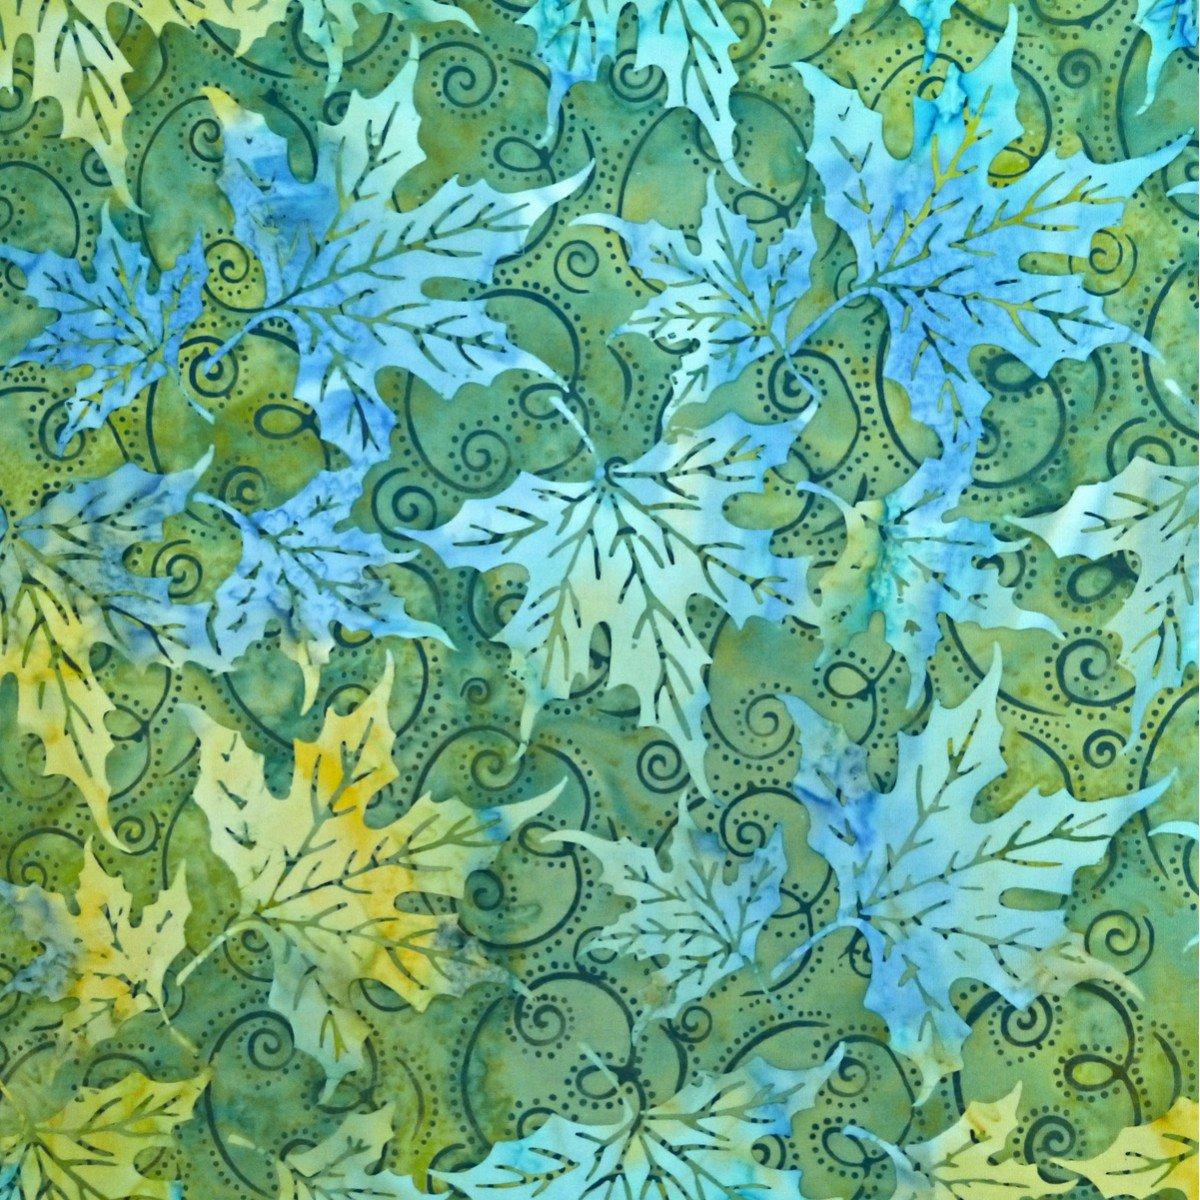 Batik by Mirah Silver Sage SS-4-1536 Lemon Basil